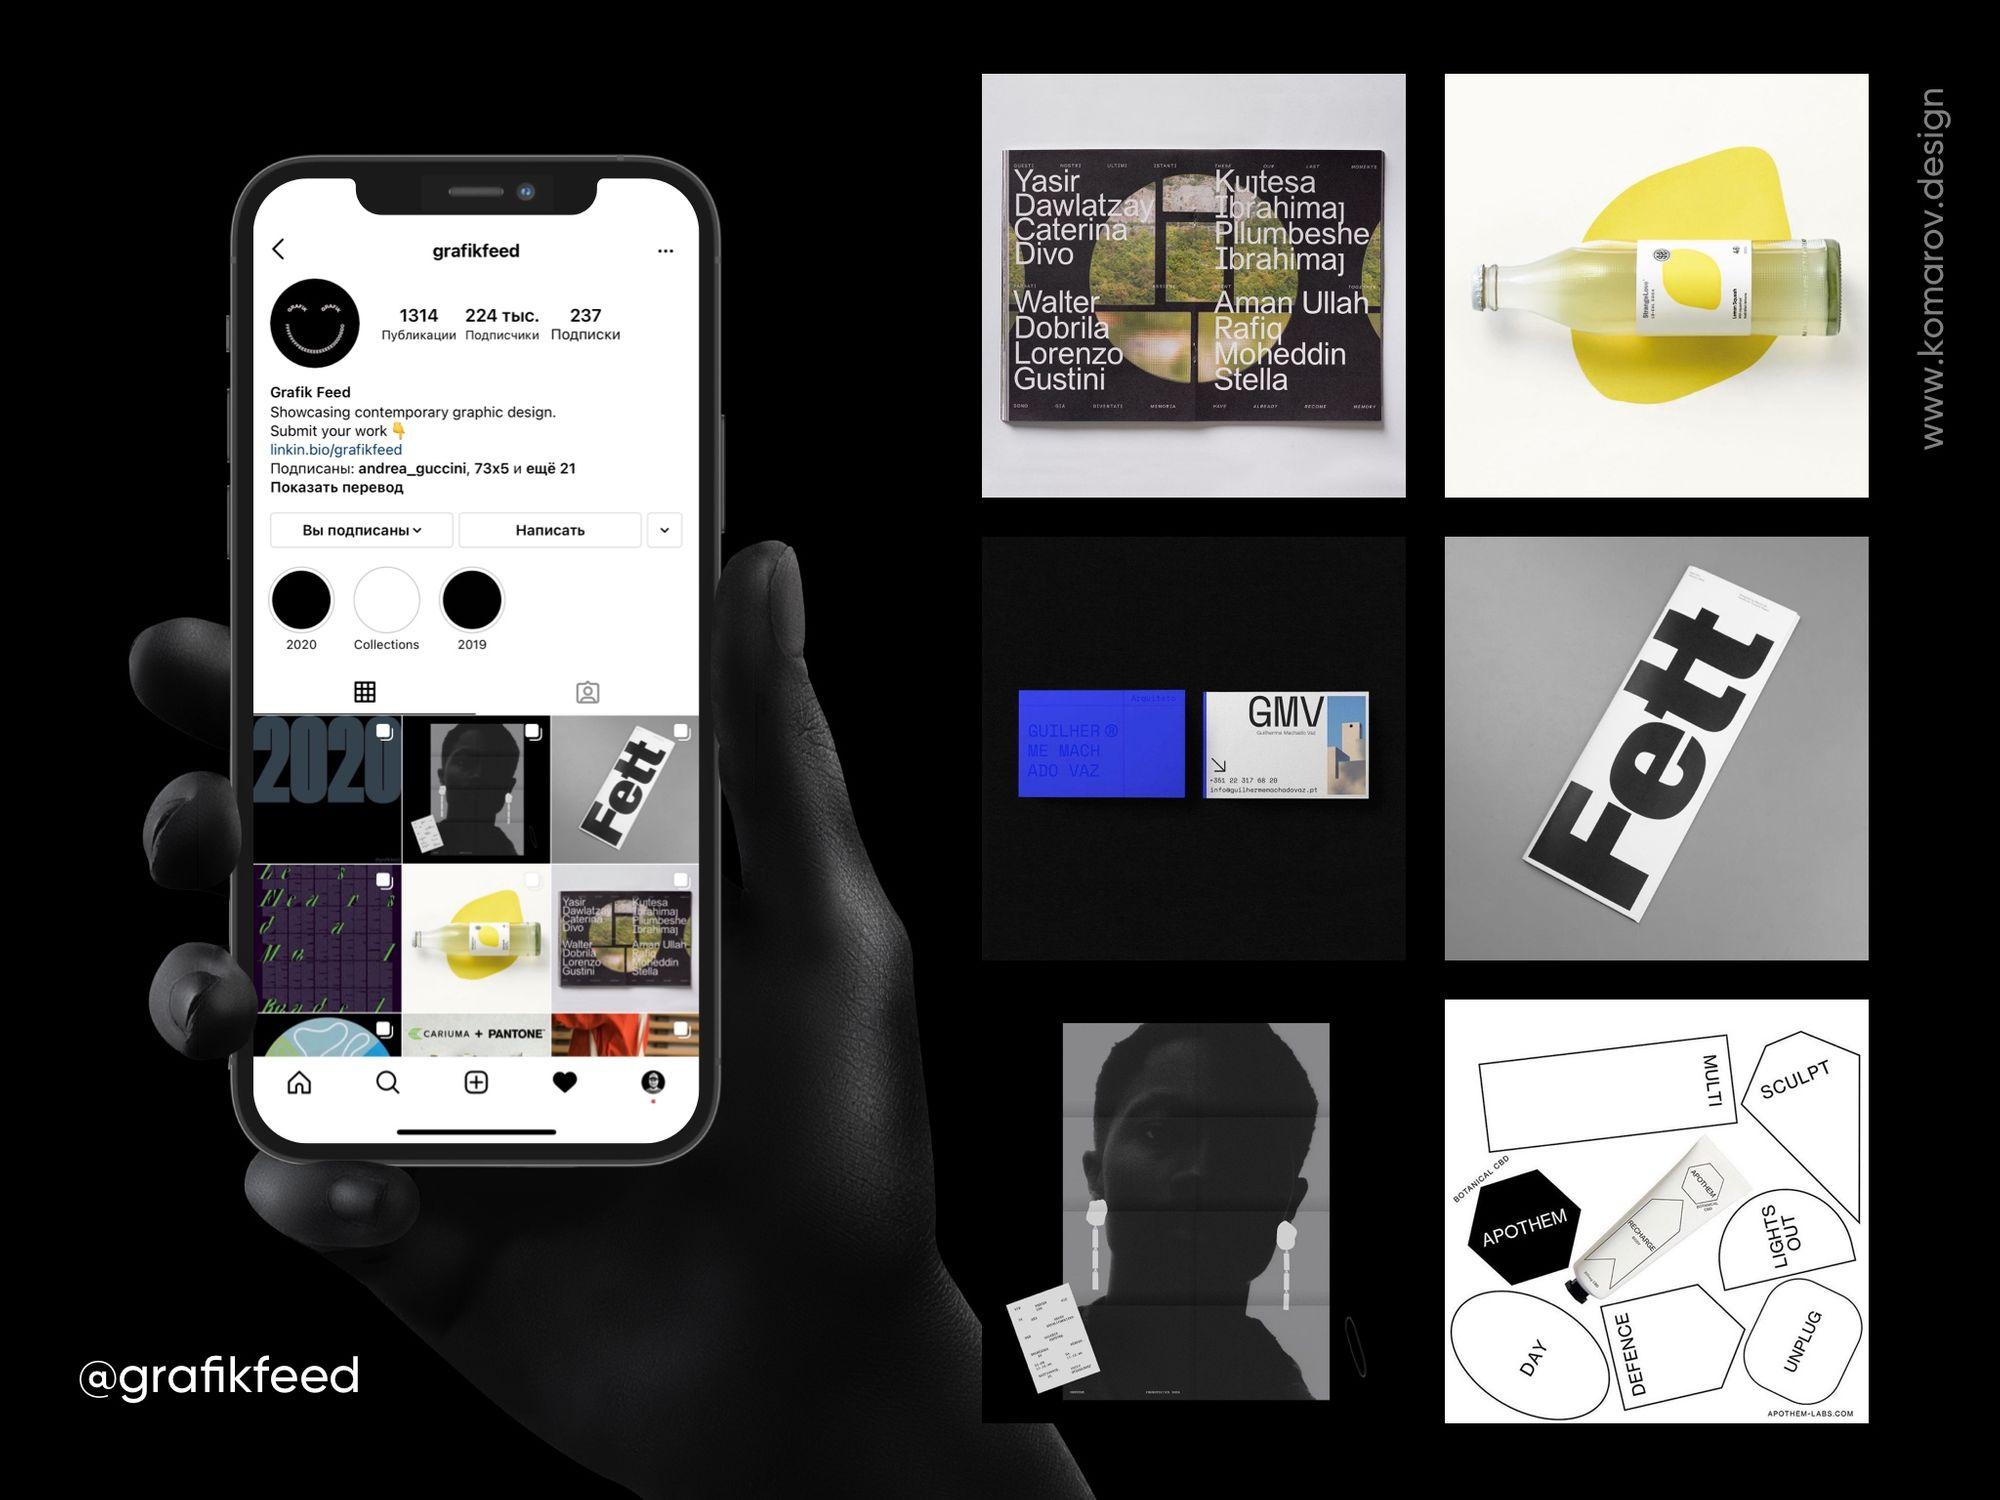 Инстаграм-аккаунт о графическом дизайне